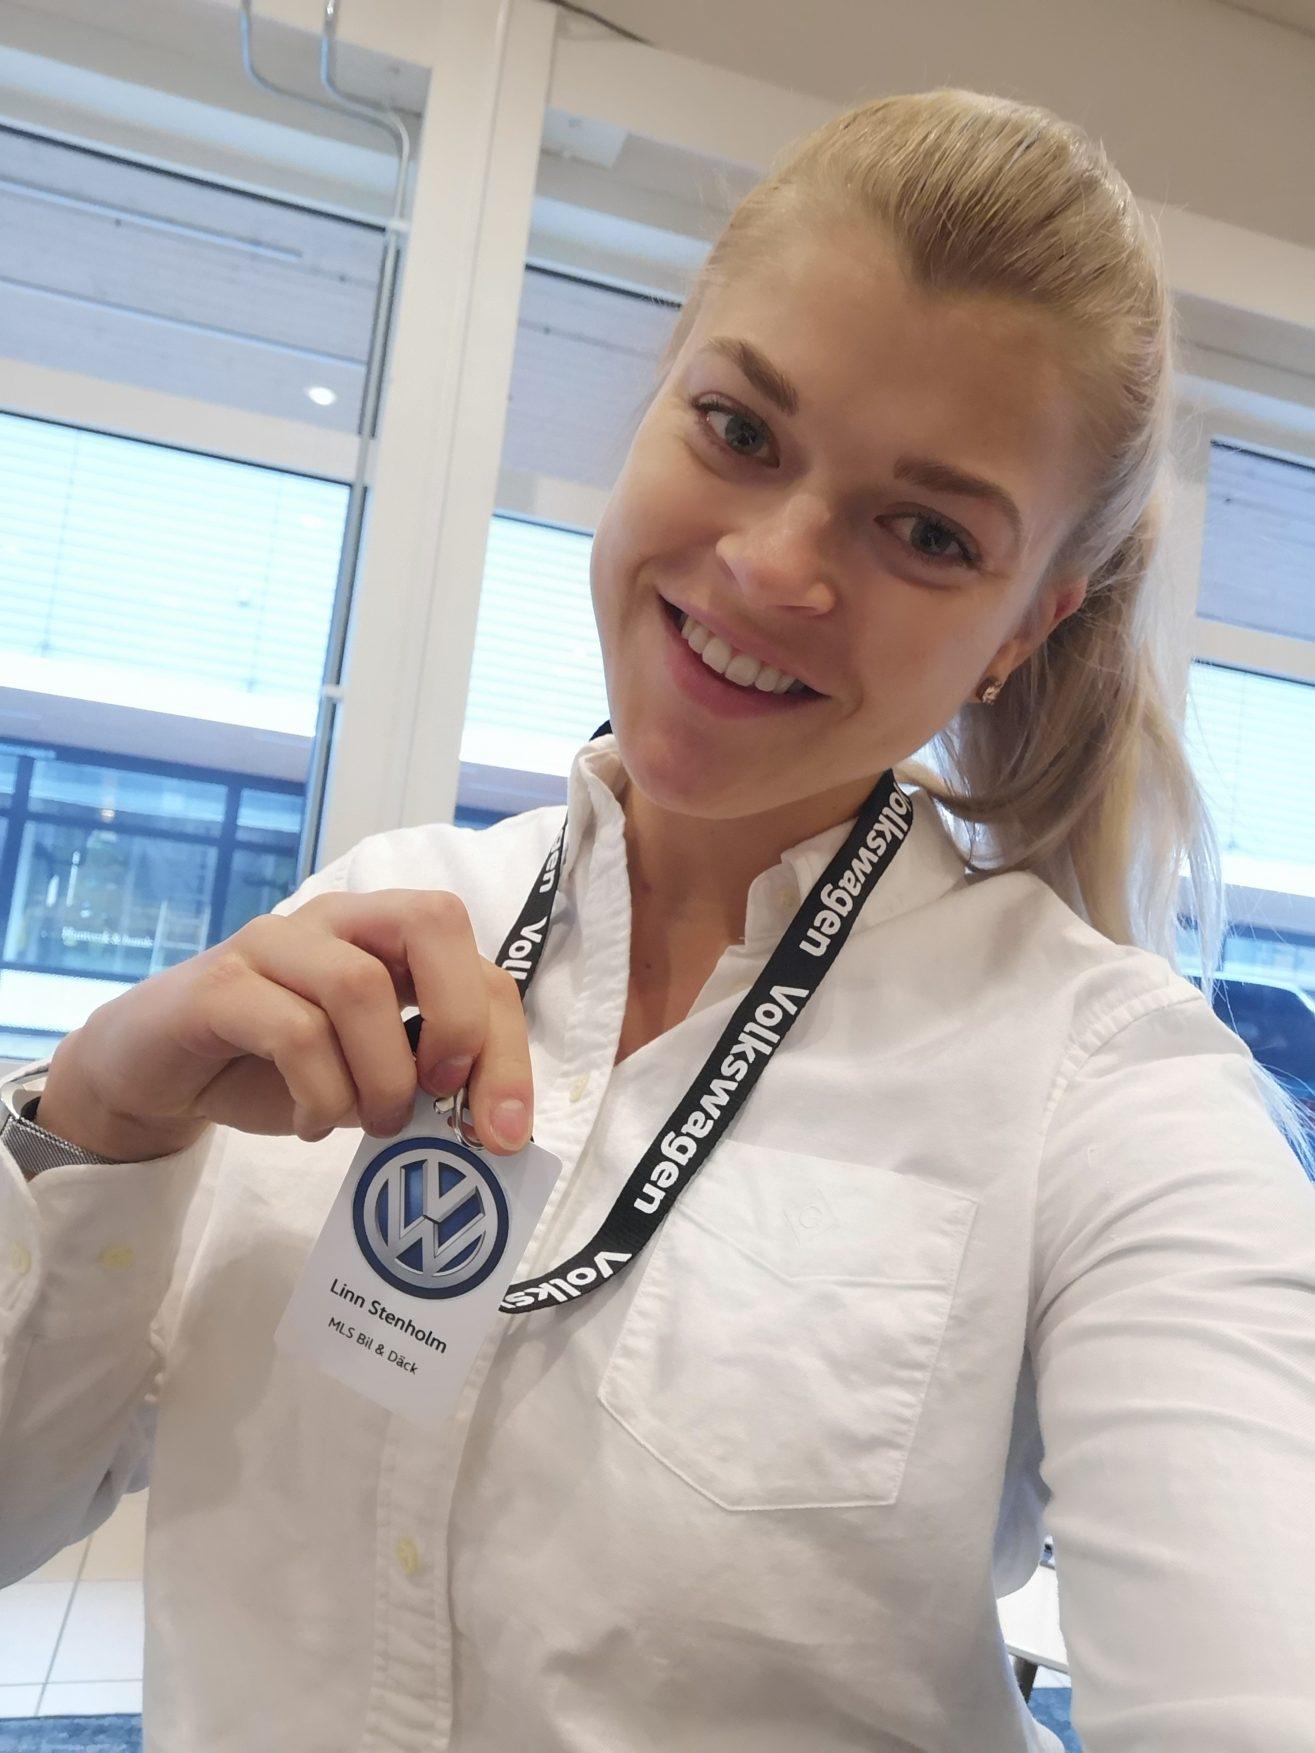 Linn Stenholm Volkswagen Brand education #viärvolkswagen #volkswagensverige